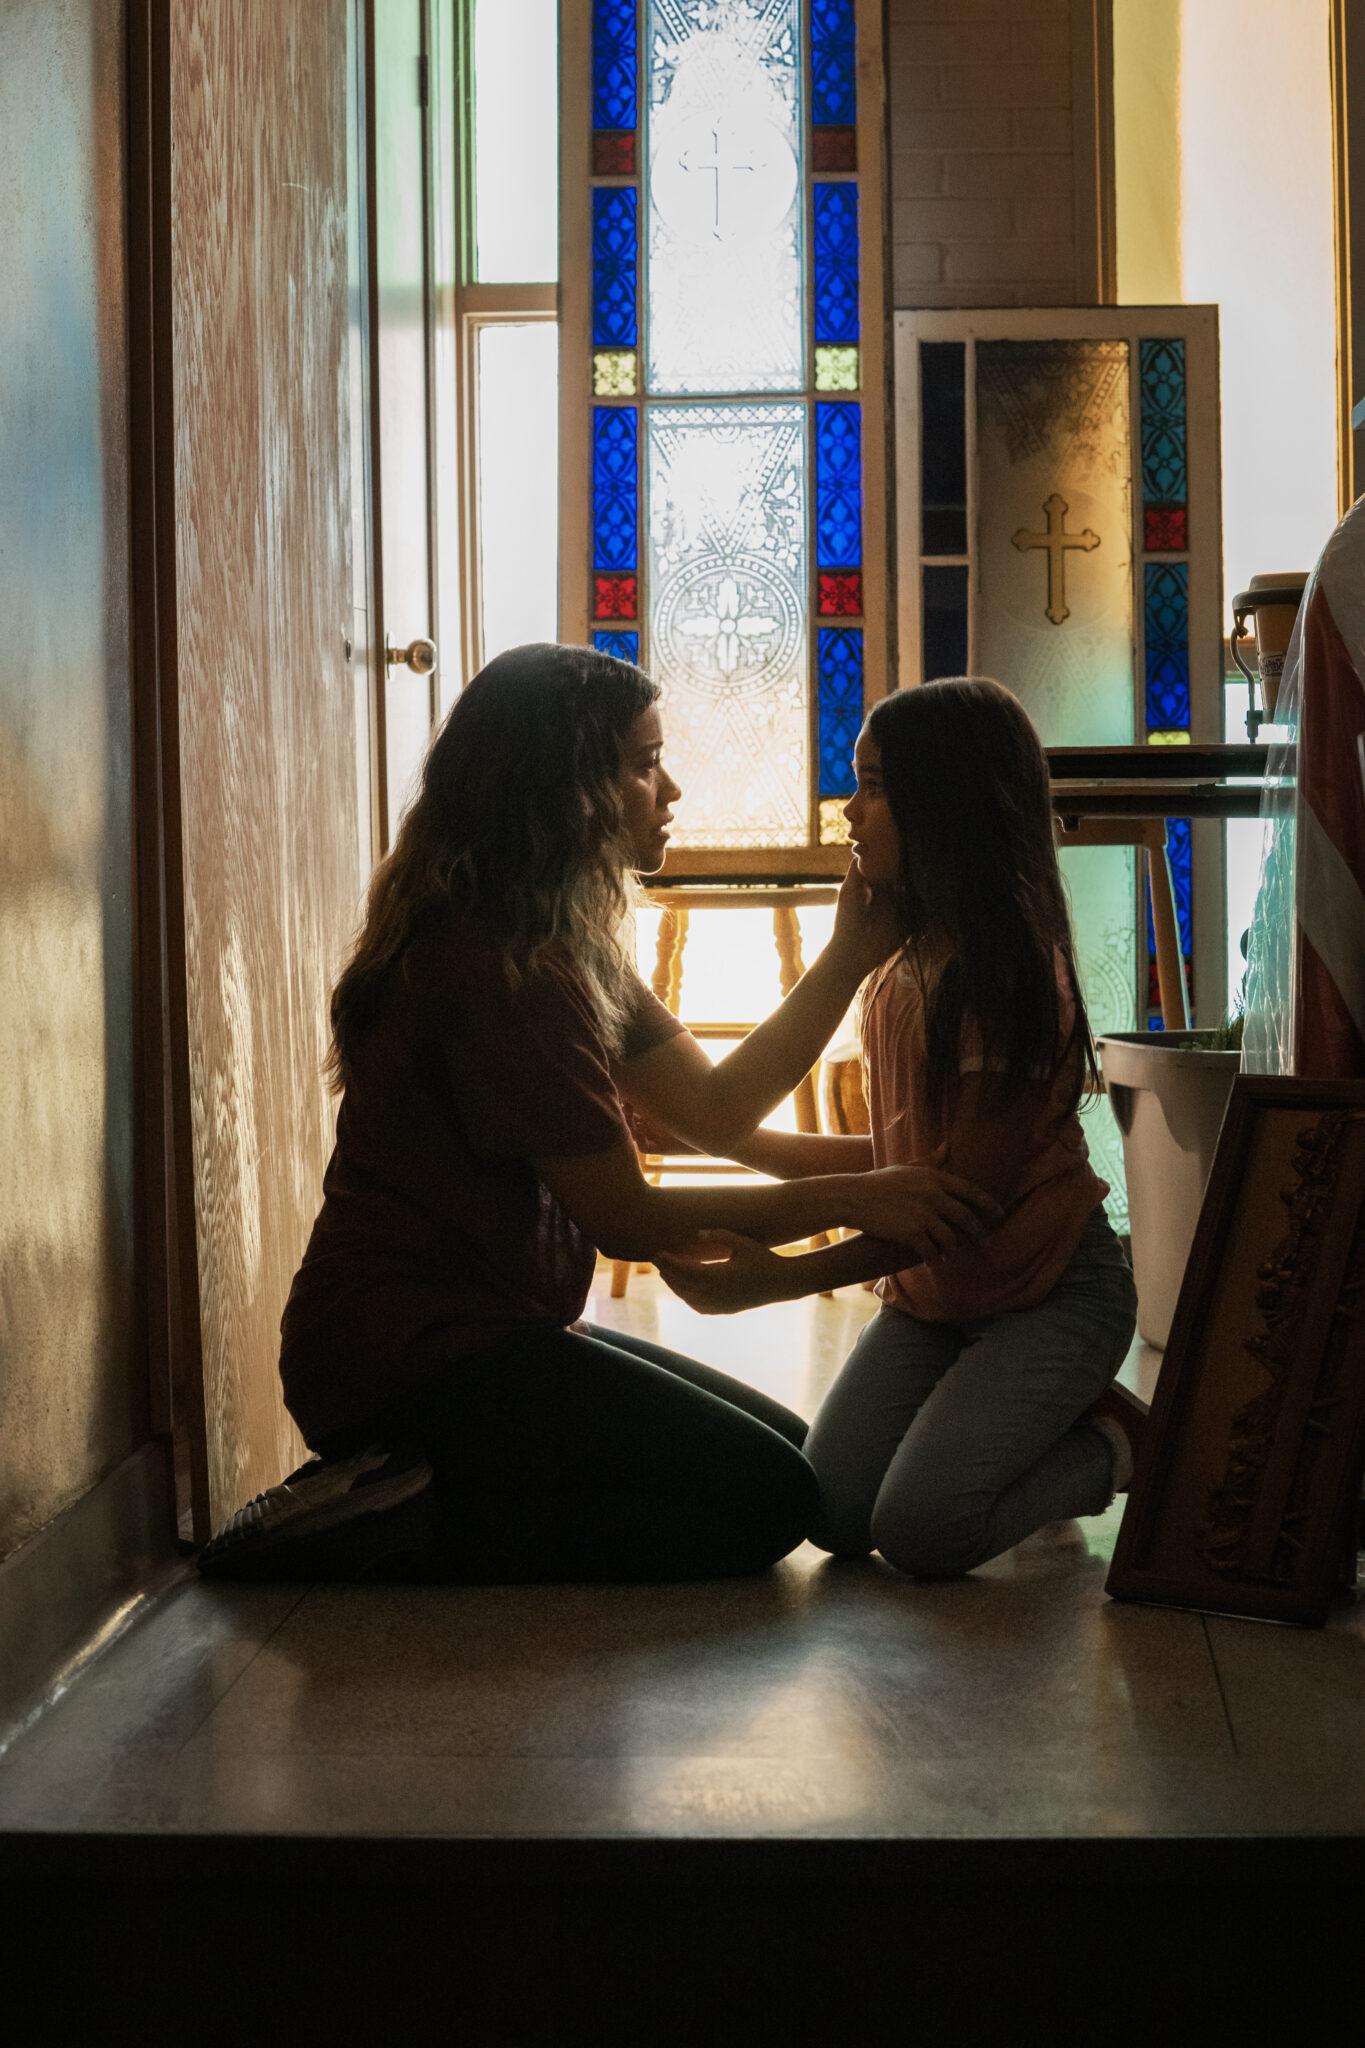 Jill und Matilda knien in einem Kirchenraum vor einem bunten Fenster. Die Mutter hält die Tochter an den Armen und scheint ihr etwas ernstes mitzuteilen.